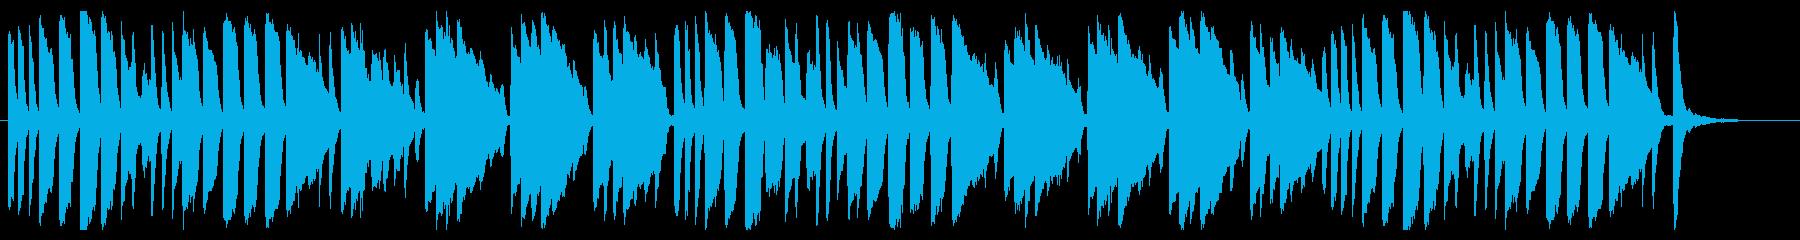 森のくまさん ピアノver.の再生済みの波形